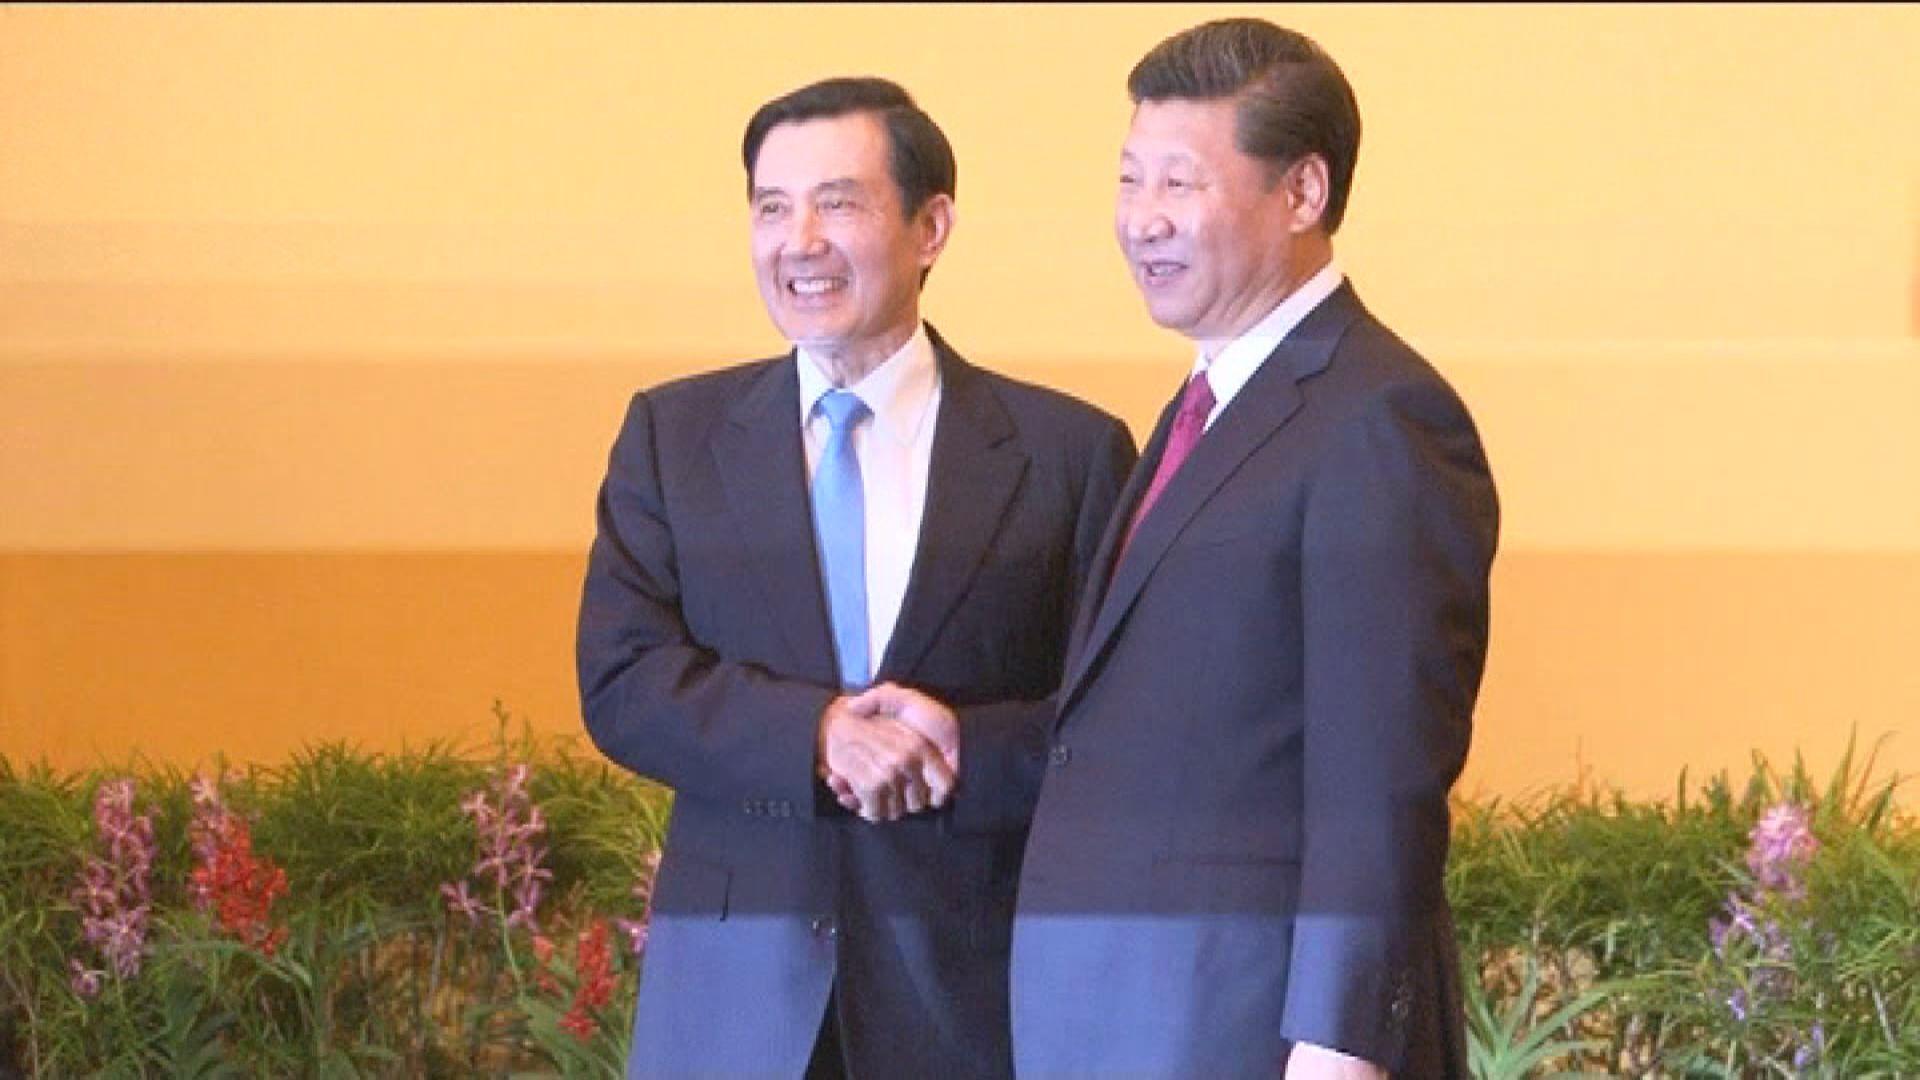 馬英九:台灣所指的「一中」就是中華民國